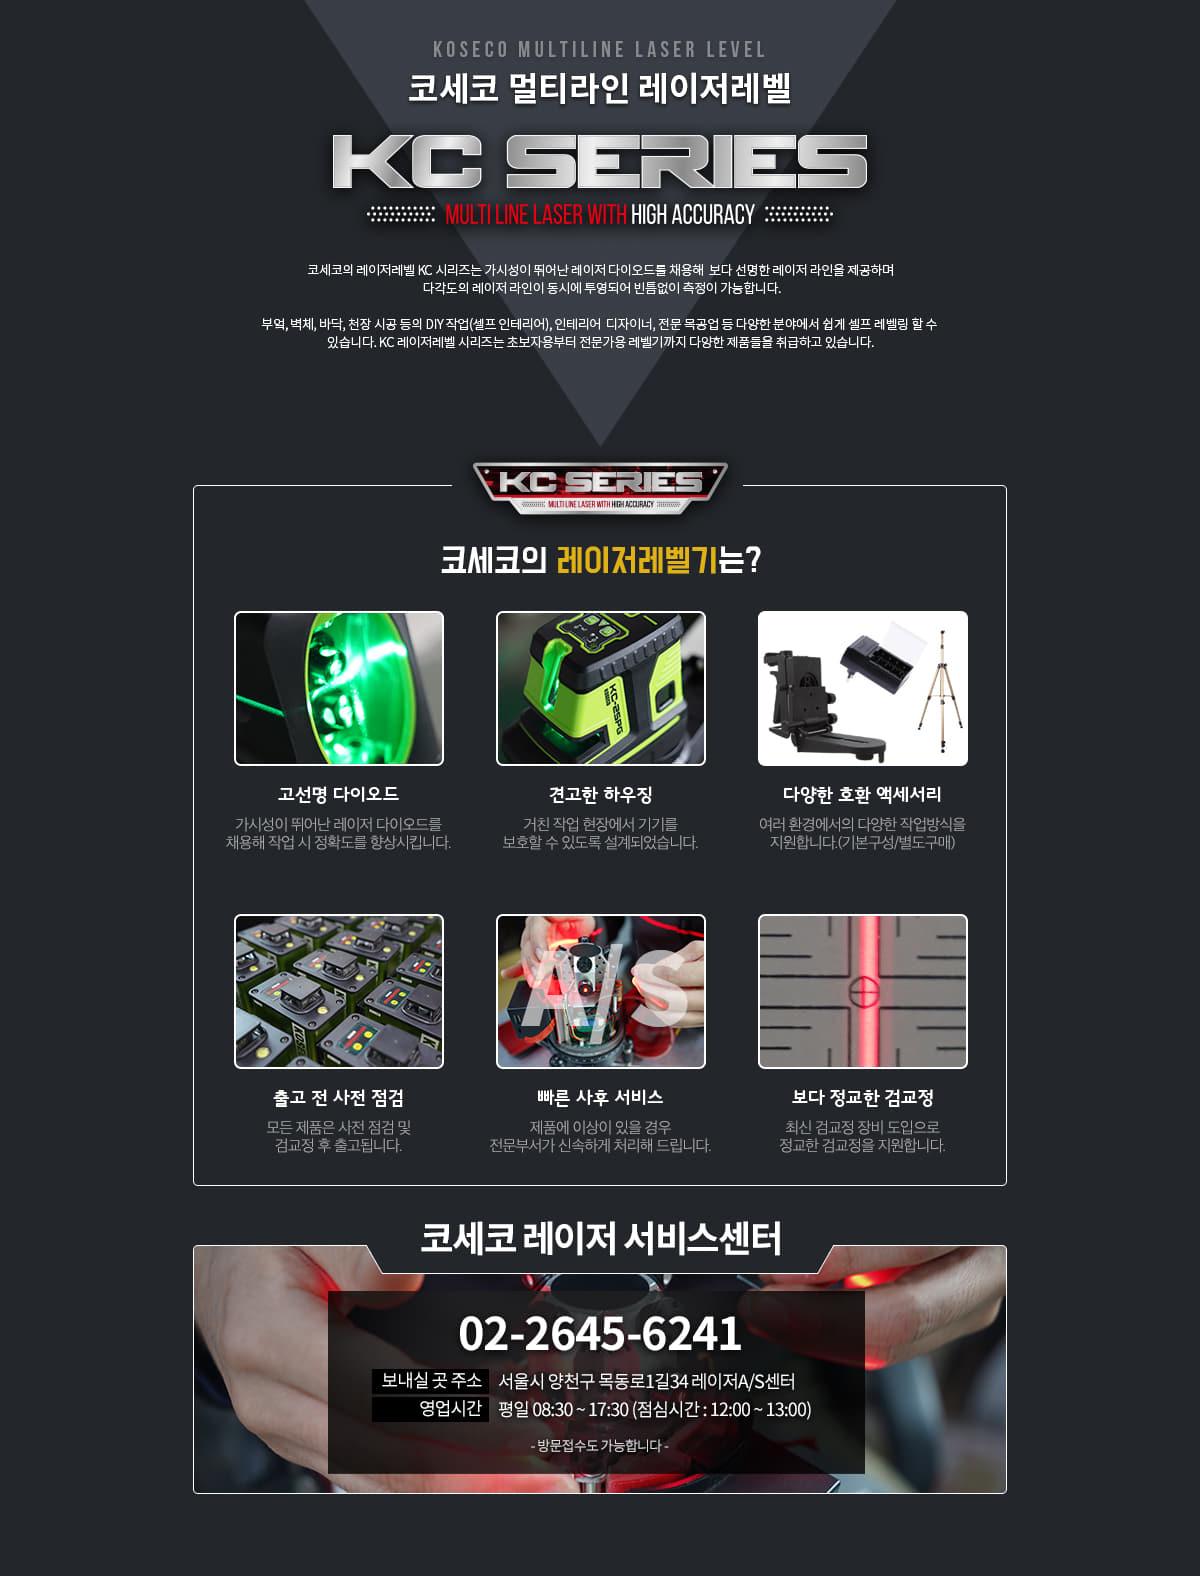 코세코 KC 시리즈 레이저레벨기 서비스센터